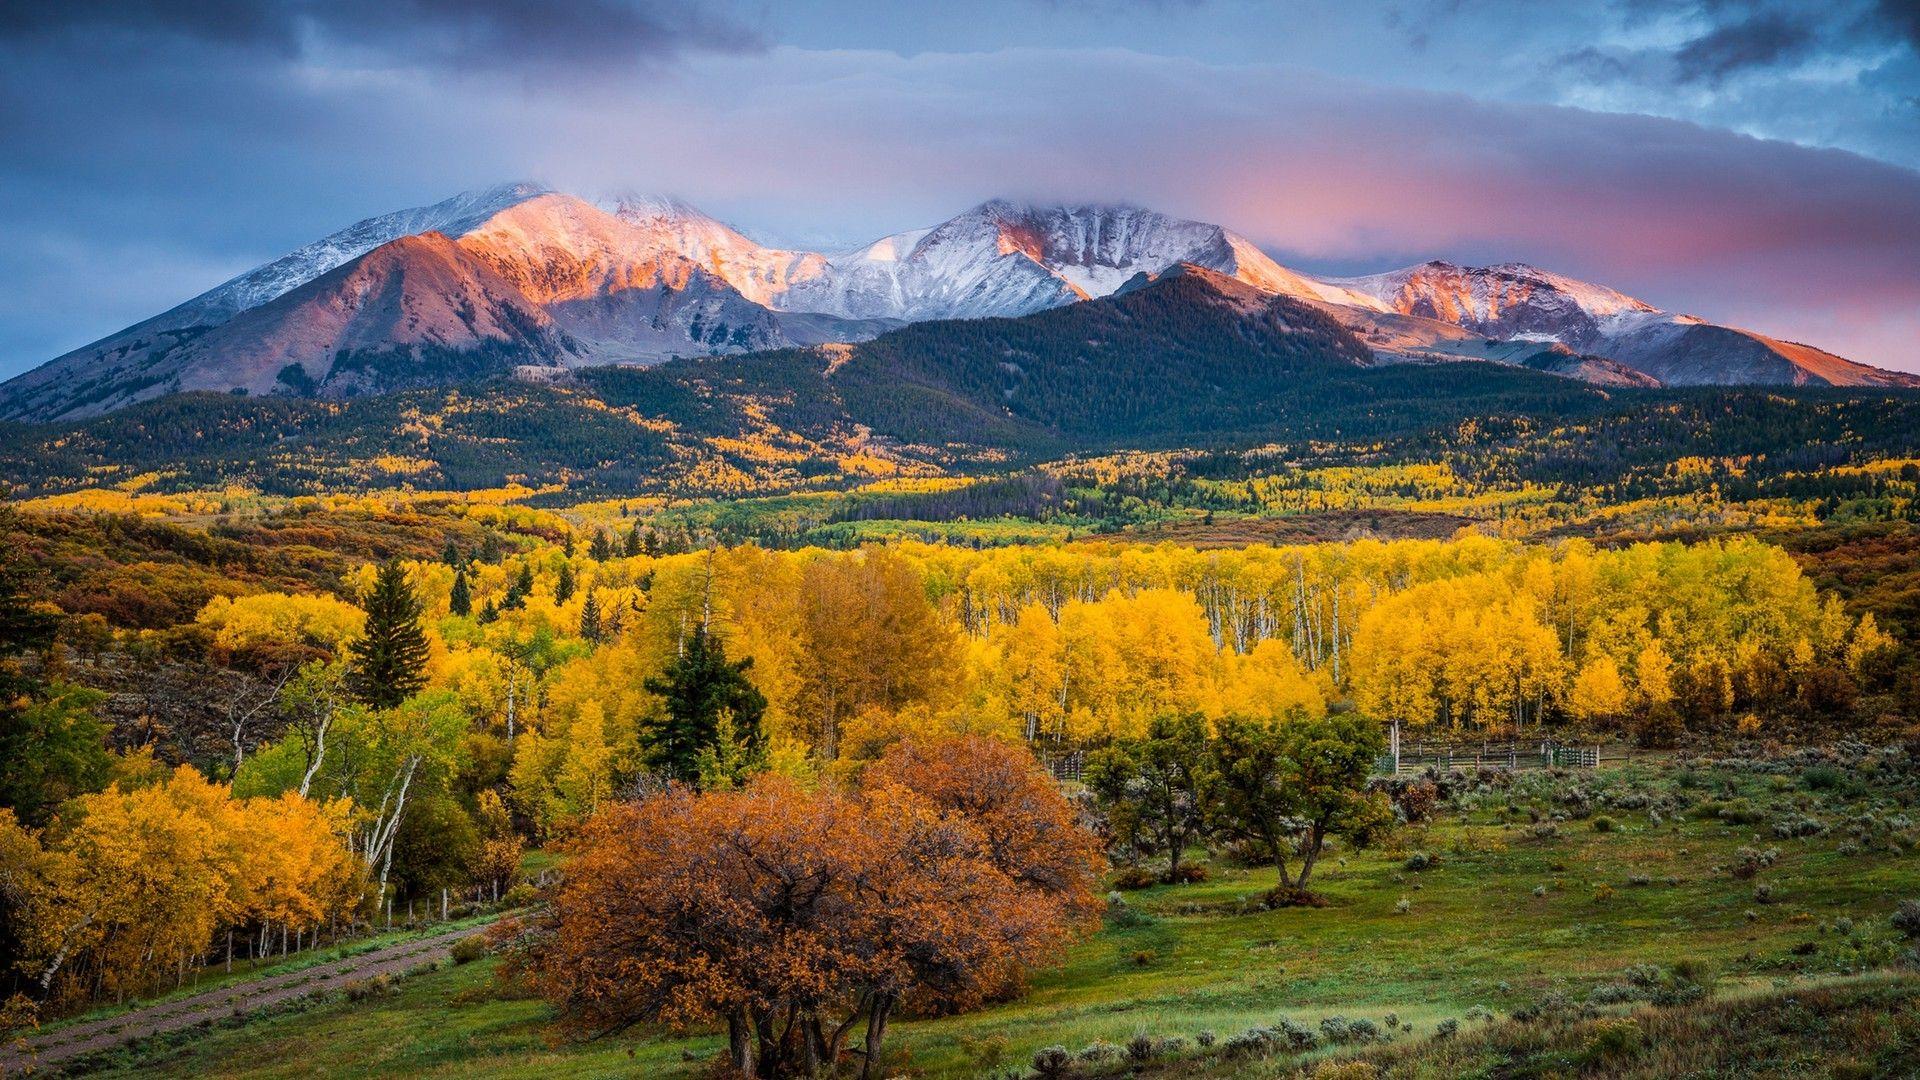 Colorado Fall Colors Sunrise Landscape Wallpaper Hd For Desktop Sunrise Landscape Colorado Landscape Scenic